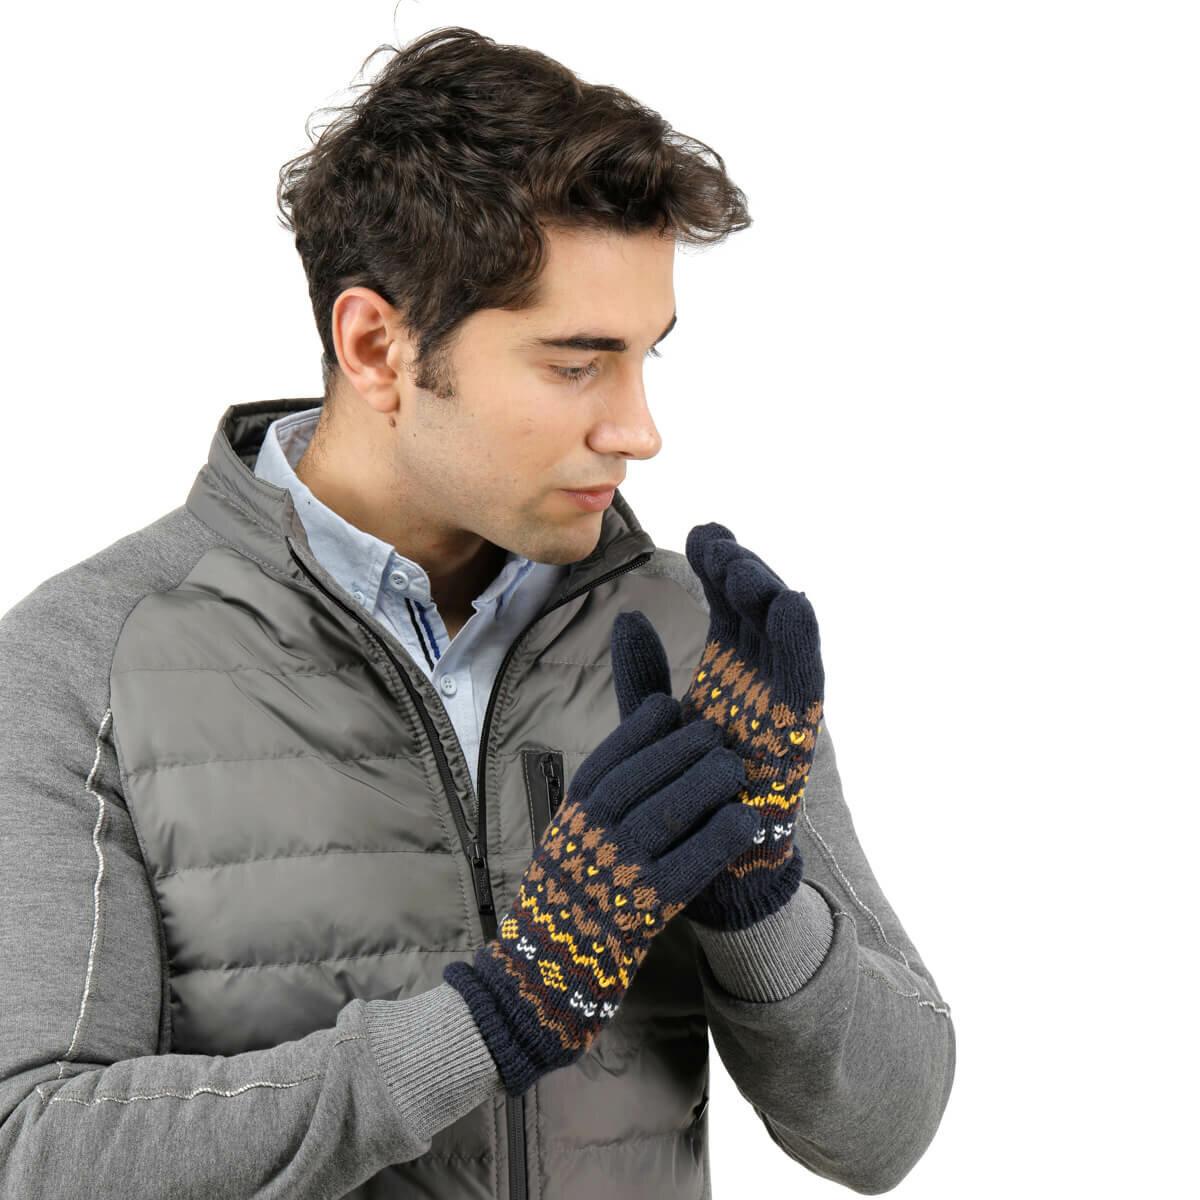 FLO ELD 9564 74Z Navy Blue Male Gloves BUTIGO